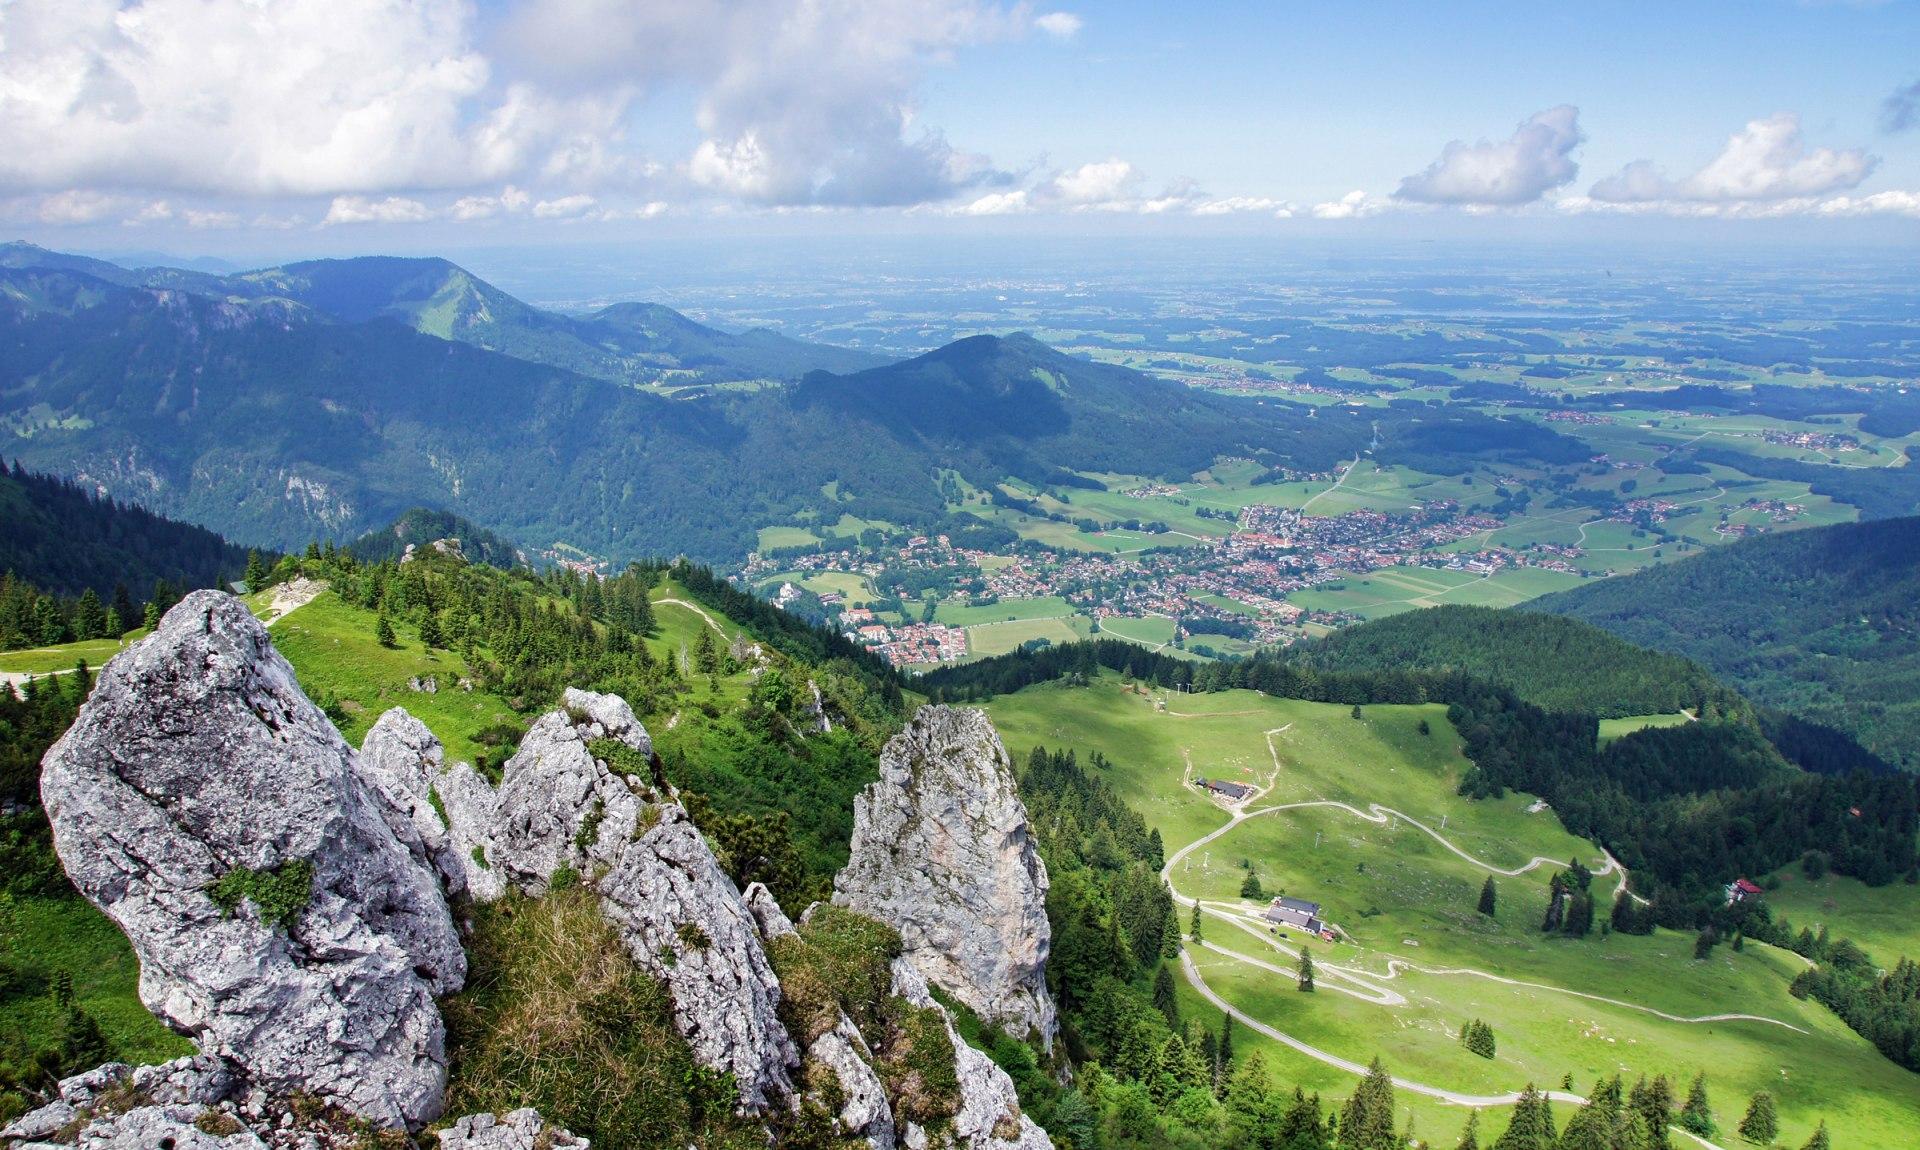 Blick auf Aschau im Chiemgau, © Claus Schuhmann